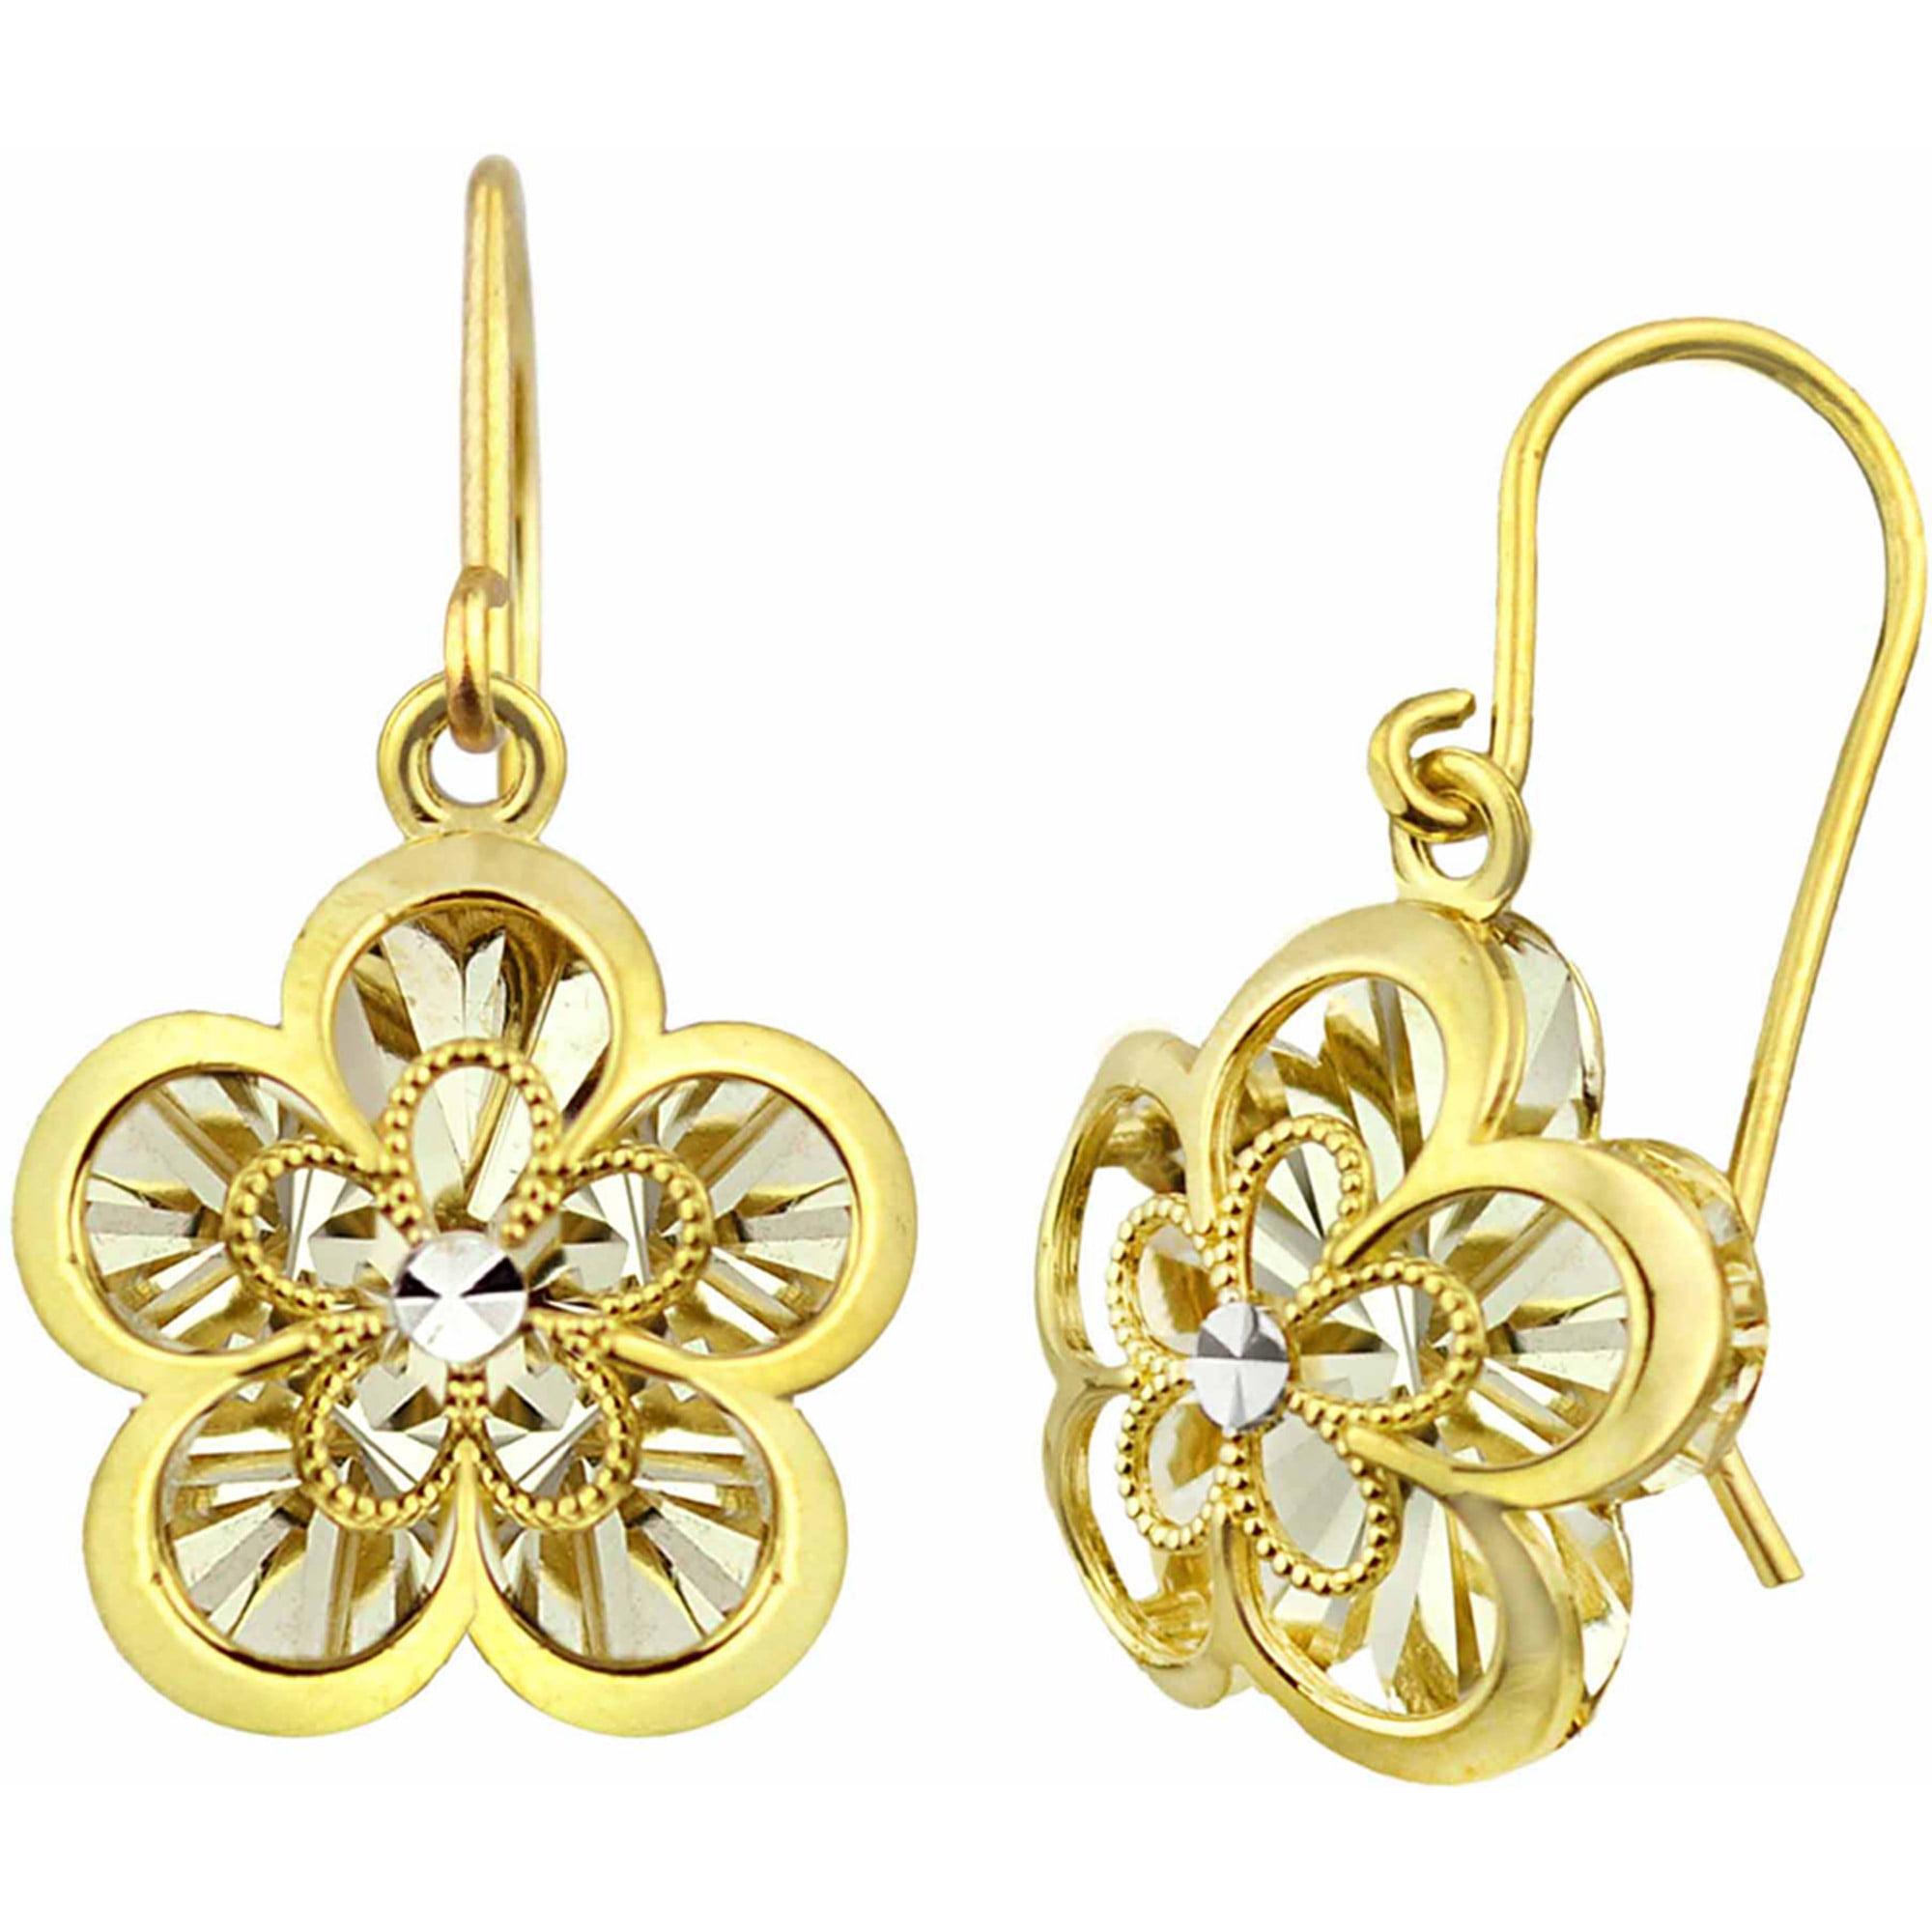 US GOLD 10kt Gold Two-Tone Diamond-Cut Open Flower Drop Earrings